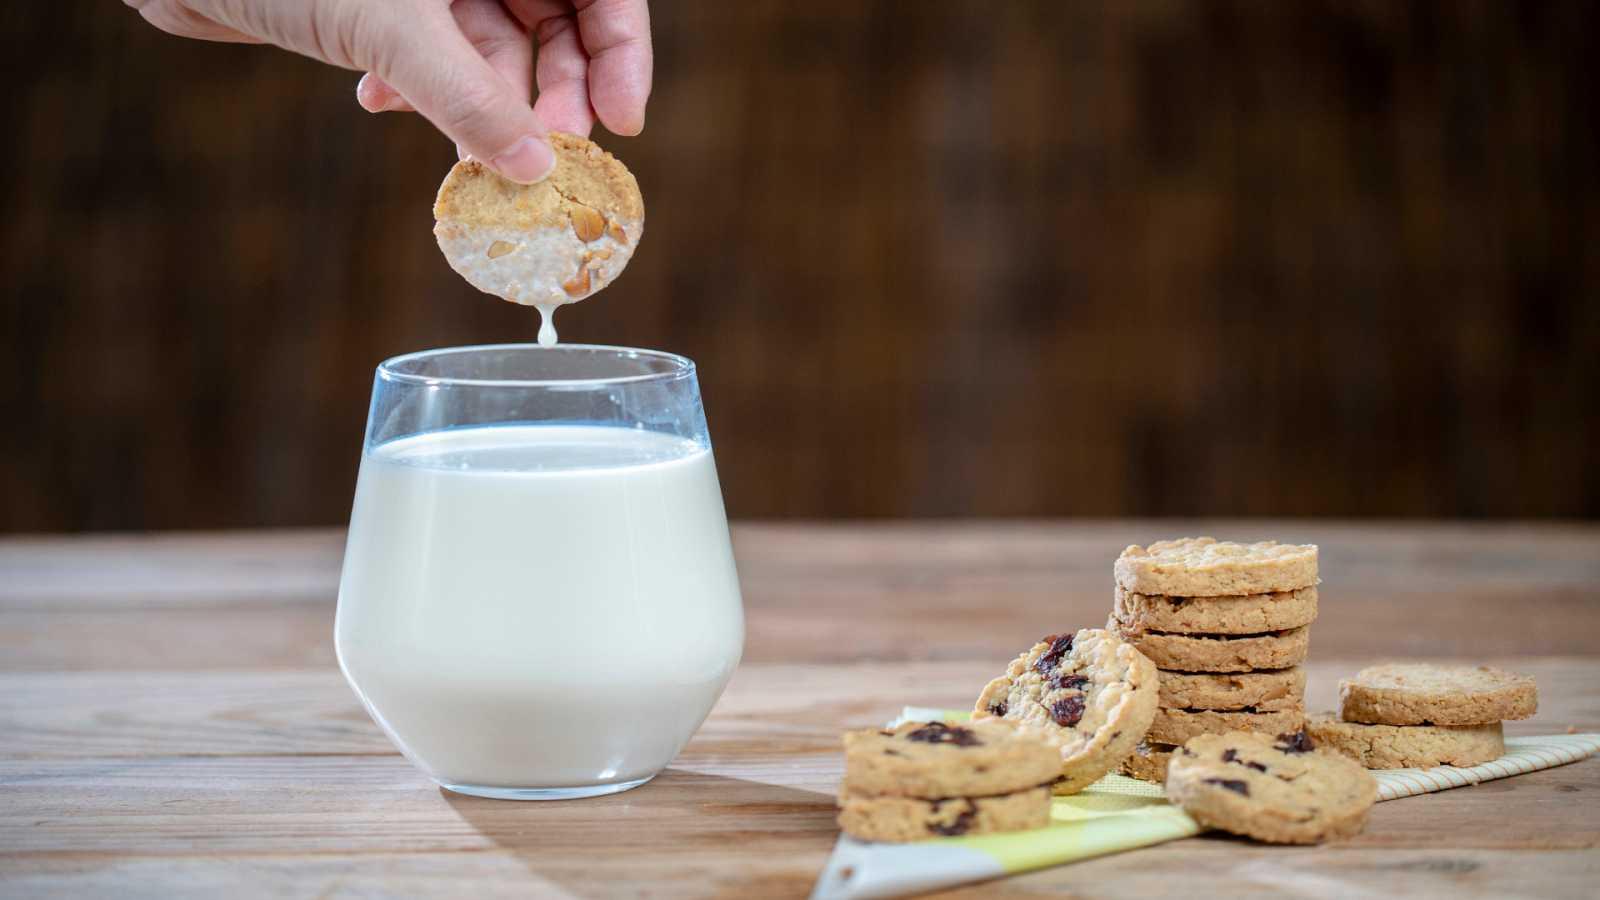 Alimento y salud - El plátano y  'Leche con galletas' - 21/03/21 - Escuchar ahora